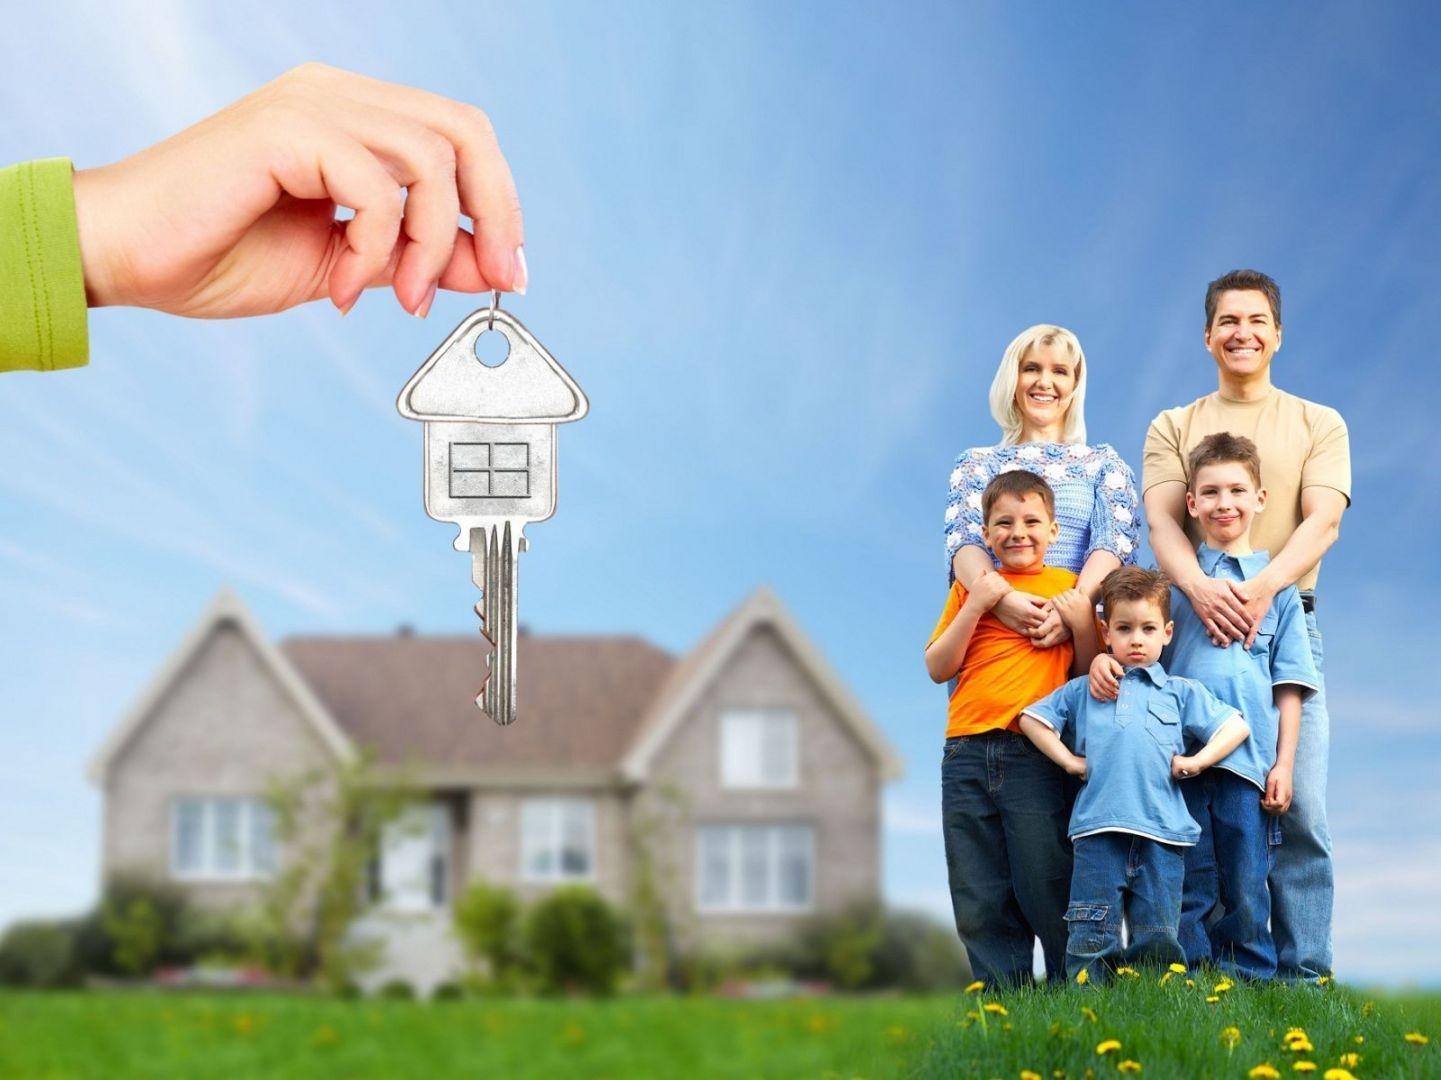 очередь на расширение жилищных условий